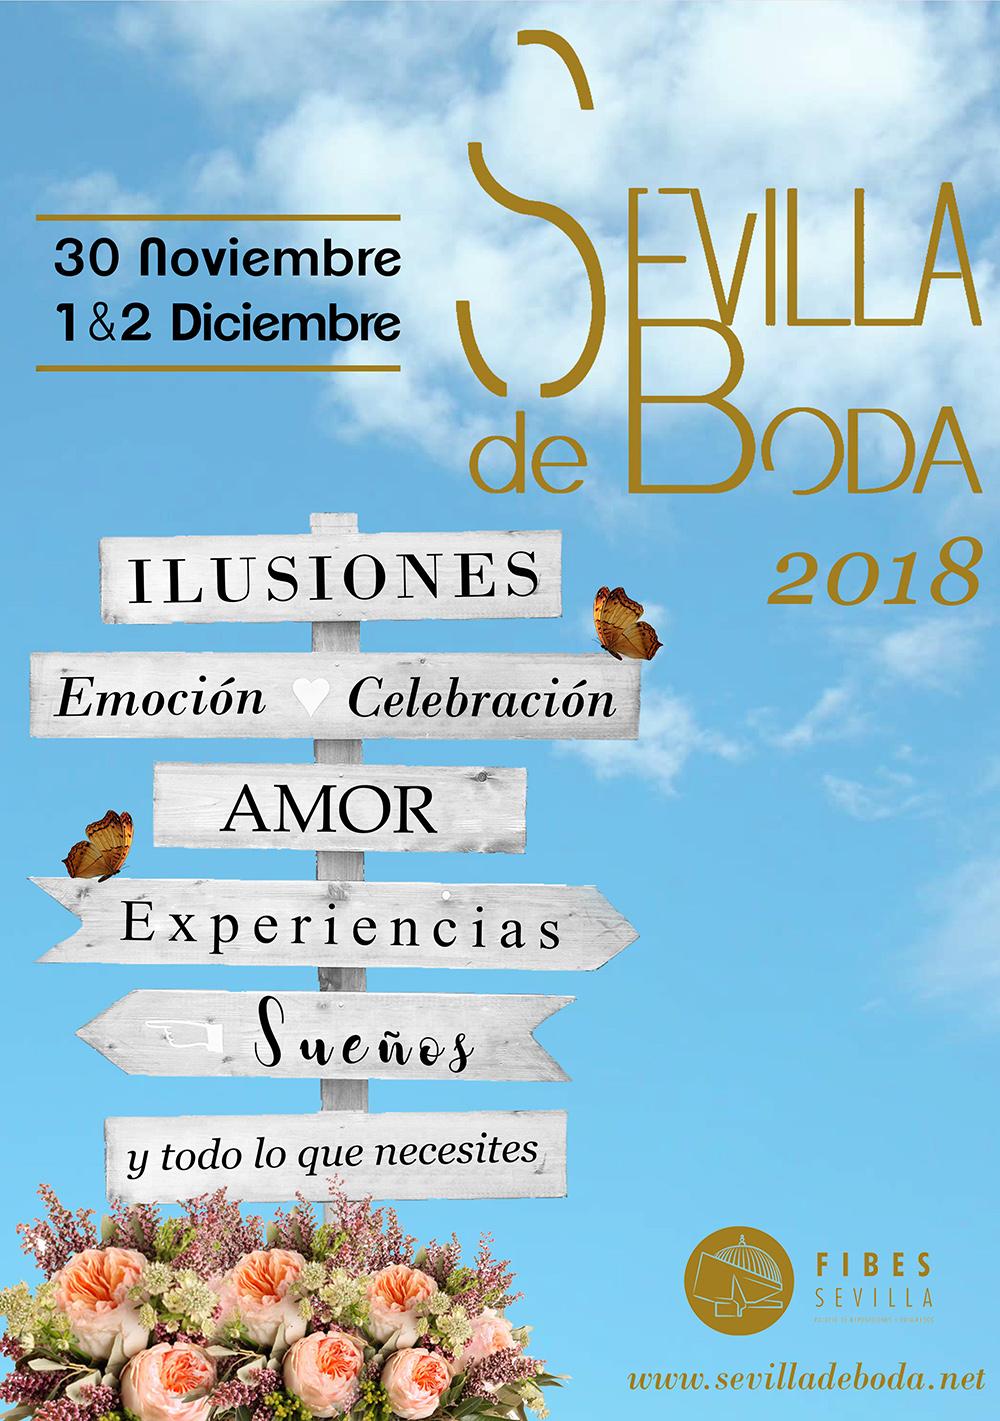 Sevilla de Bodas 2018 in Fibes Seville